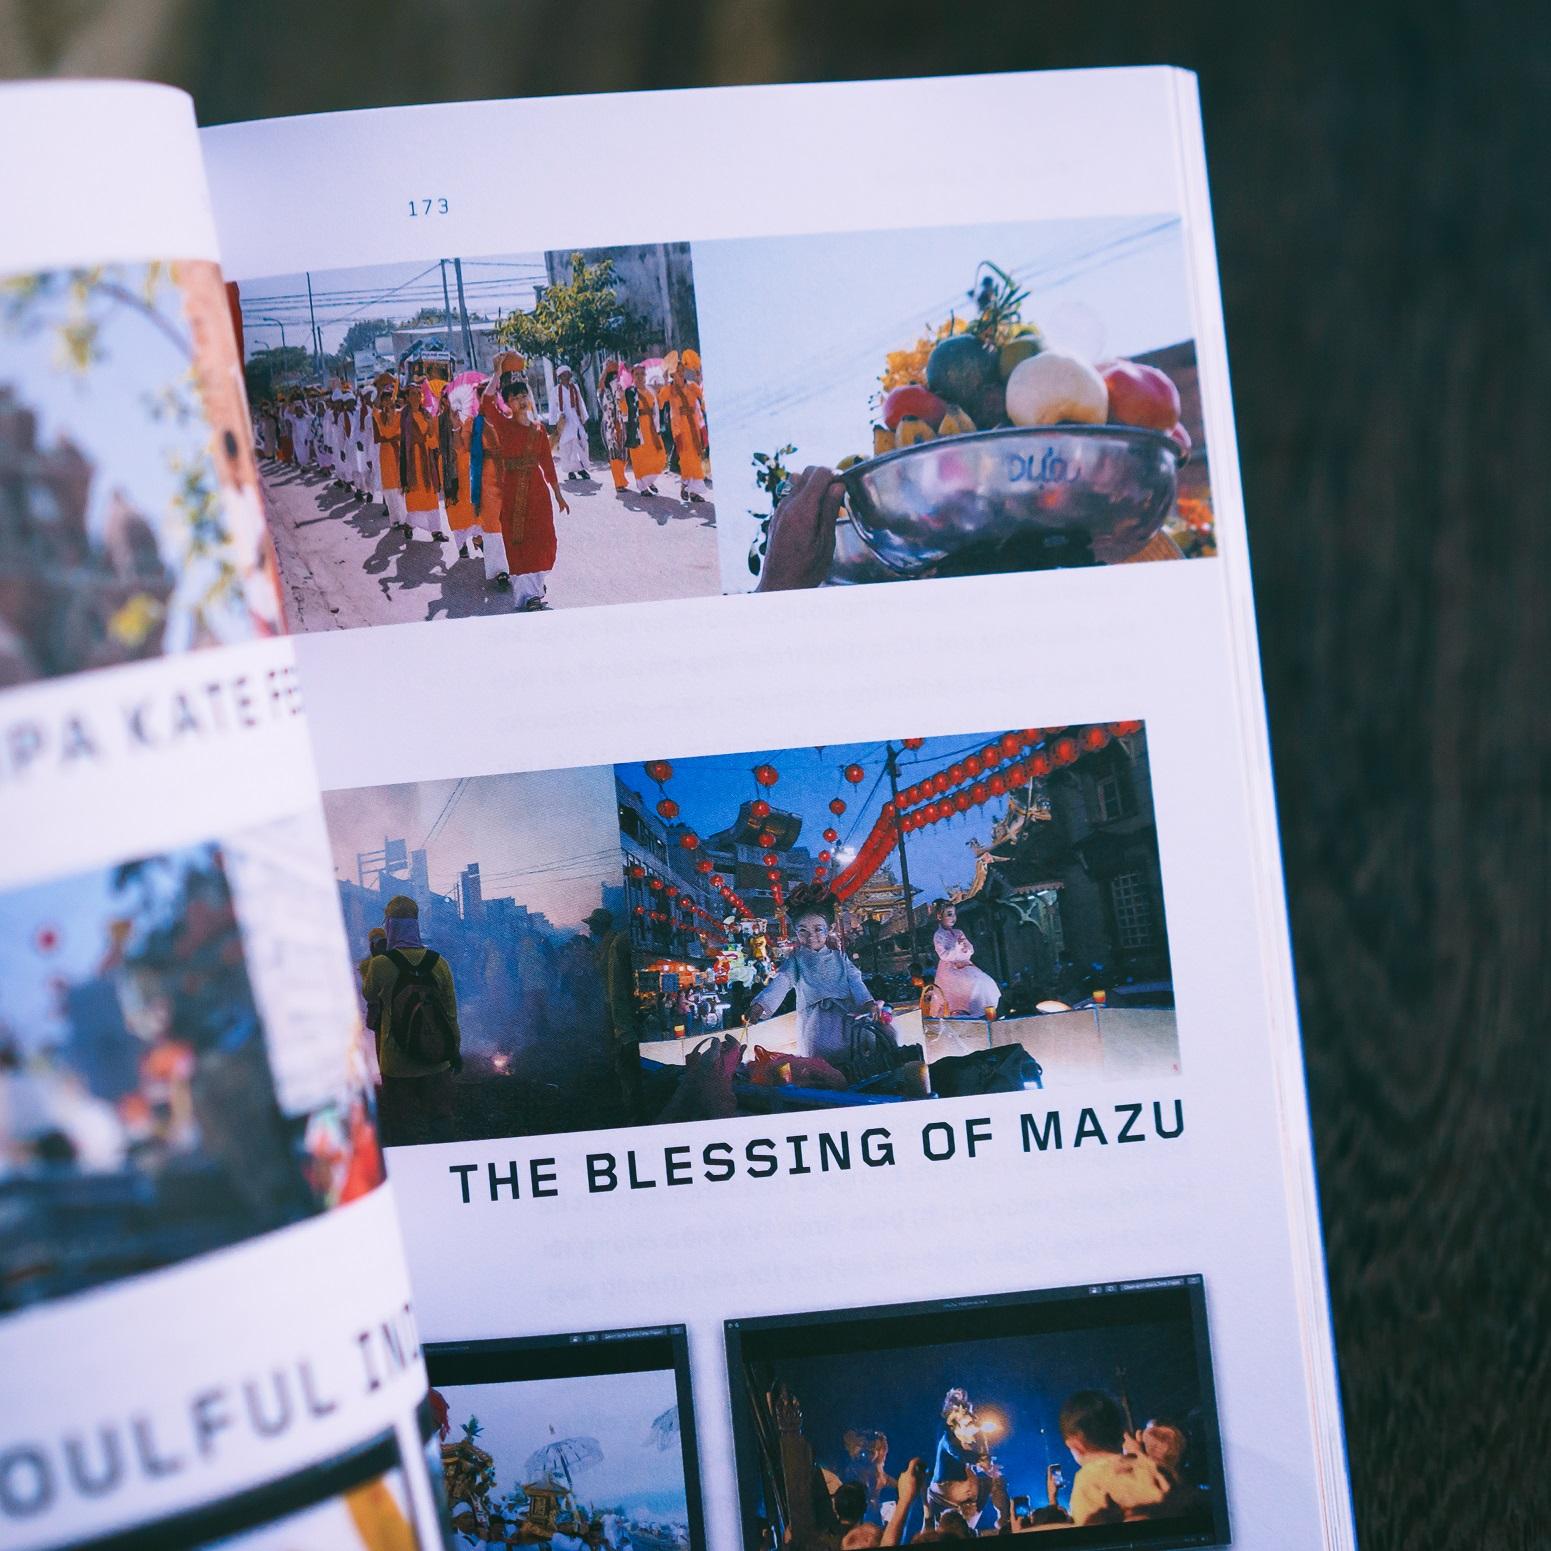 Du lịch qua trang sách để xoa dịu mong muốn được đi chơi của nhiều người